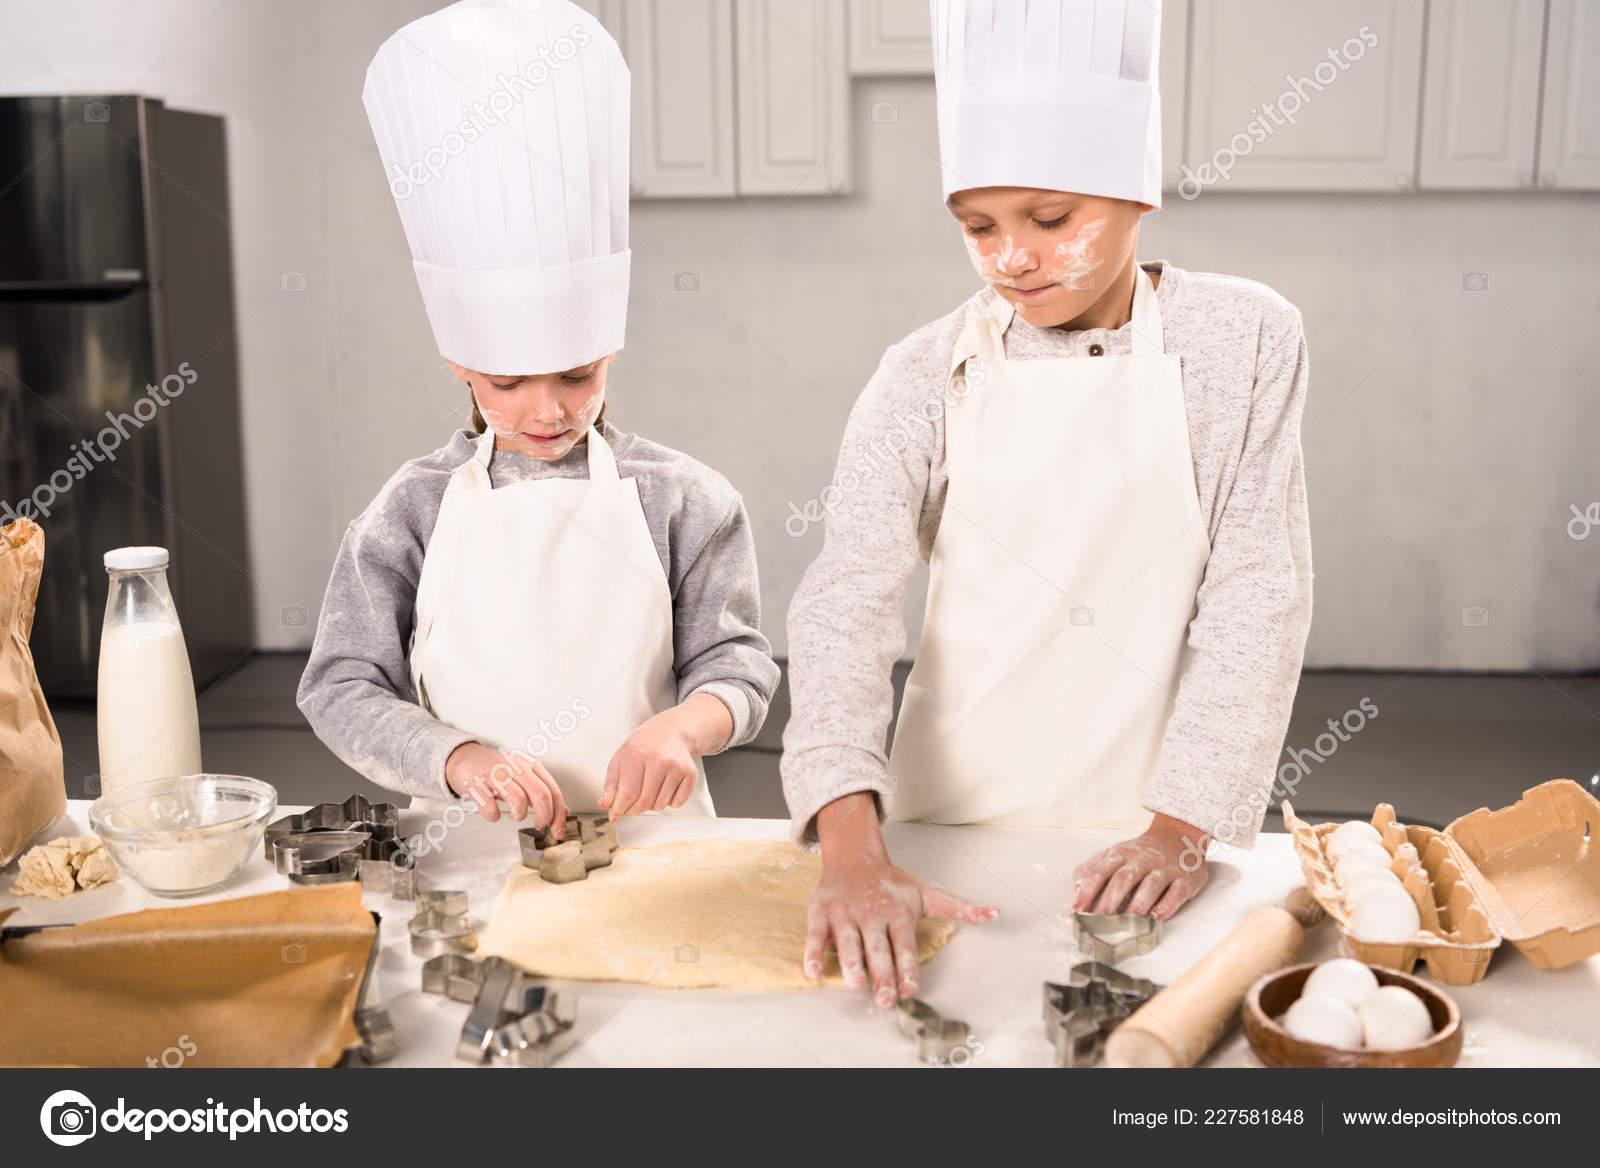 kitchen apron for kids grease trap 孩子们在厨师帽和围裙上切割面团饼干在厨房的桌子高角度的看法 图库照片 孩子们在厨师帽和围裙上切割面团饼干在厨房的桌子高